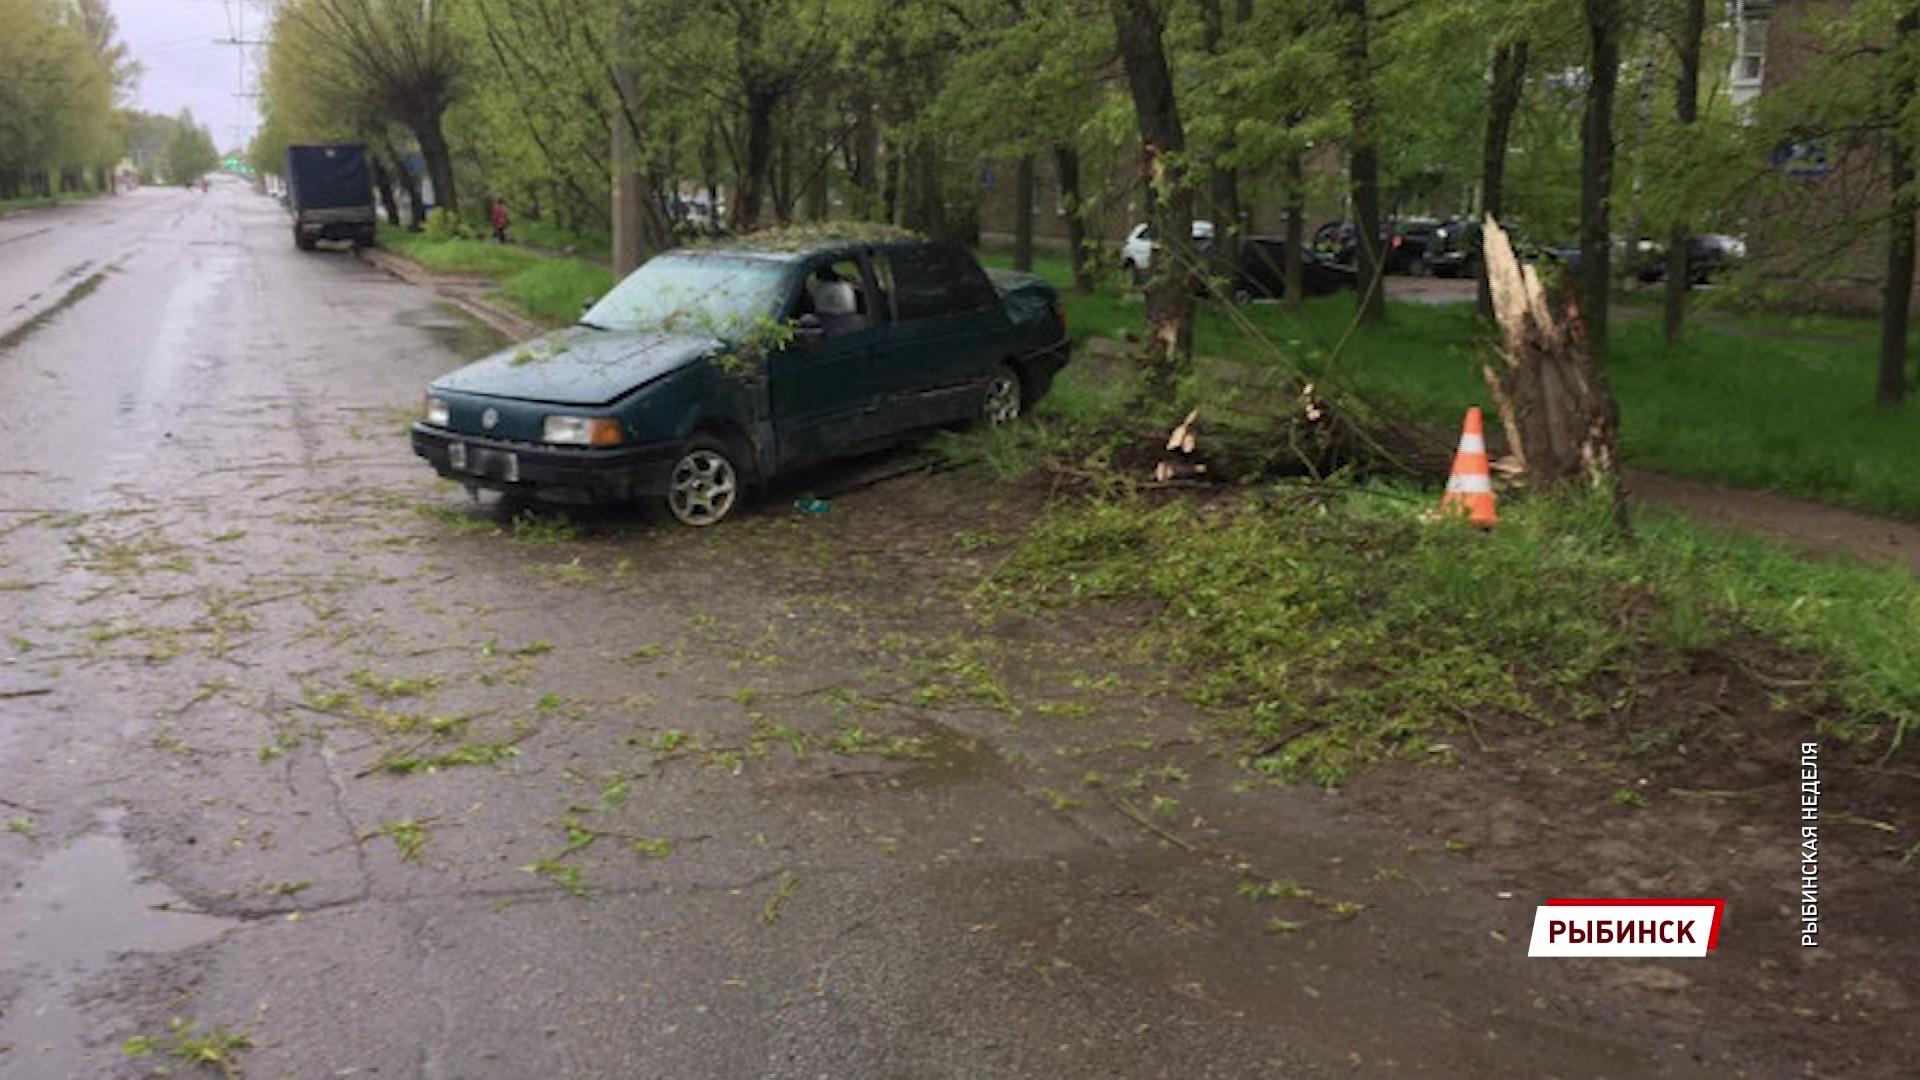 В Рыбинске водитель без прав протаранил дерево: погиб пассажир